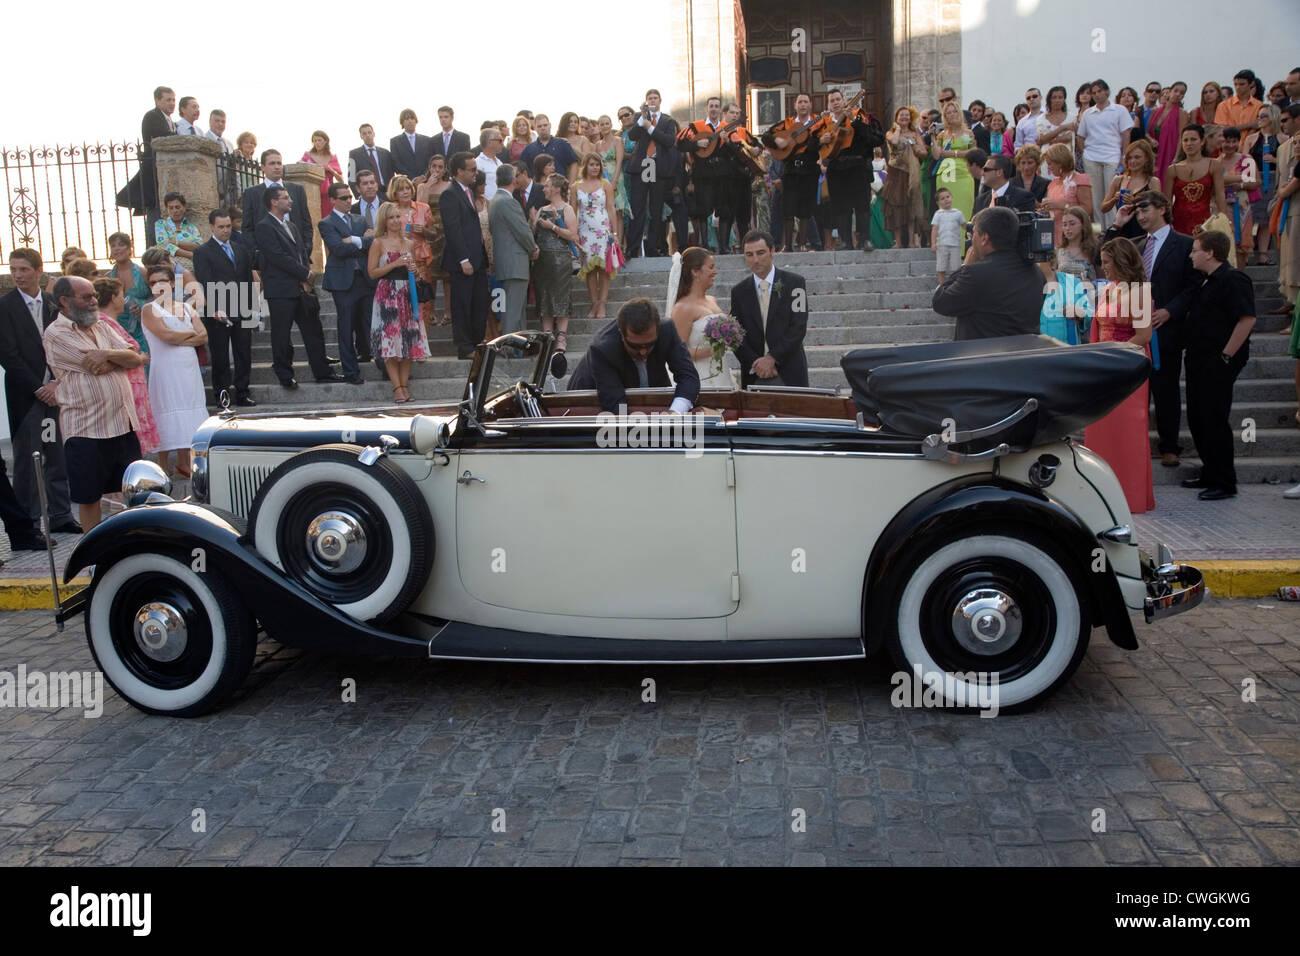 Espagne, Mercedes-timers attendent les mariés à un mariage Espagnol Banque D'Images